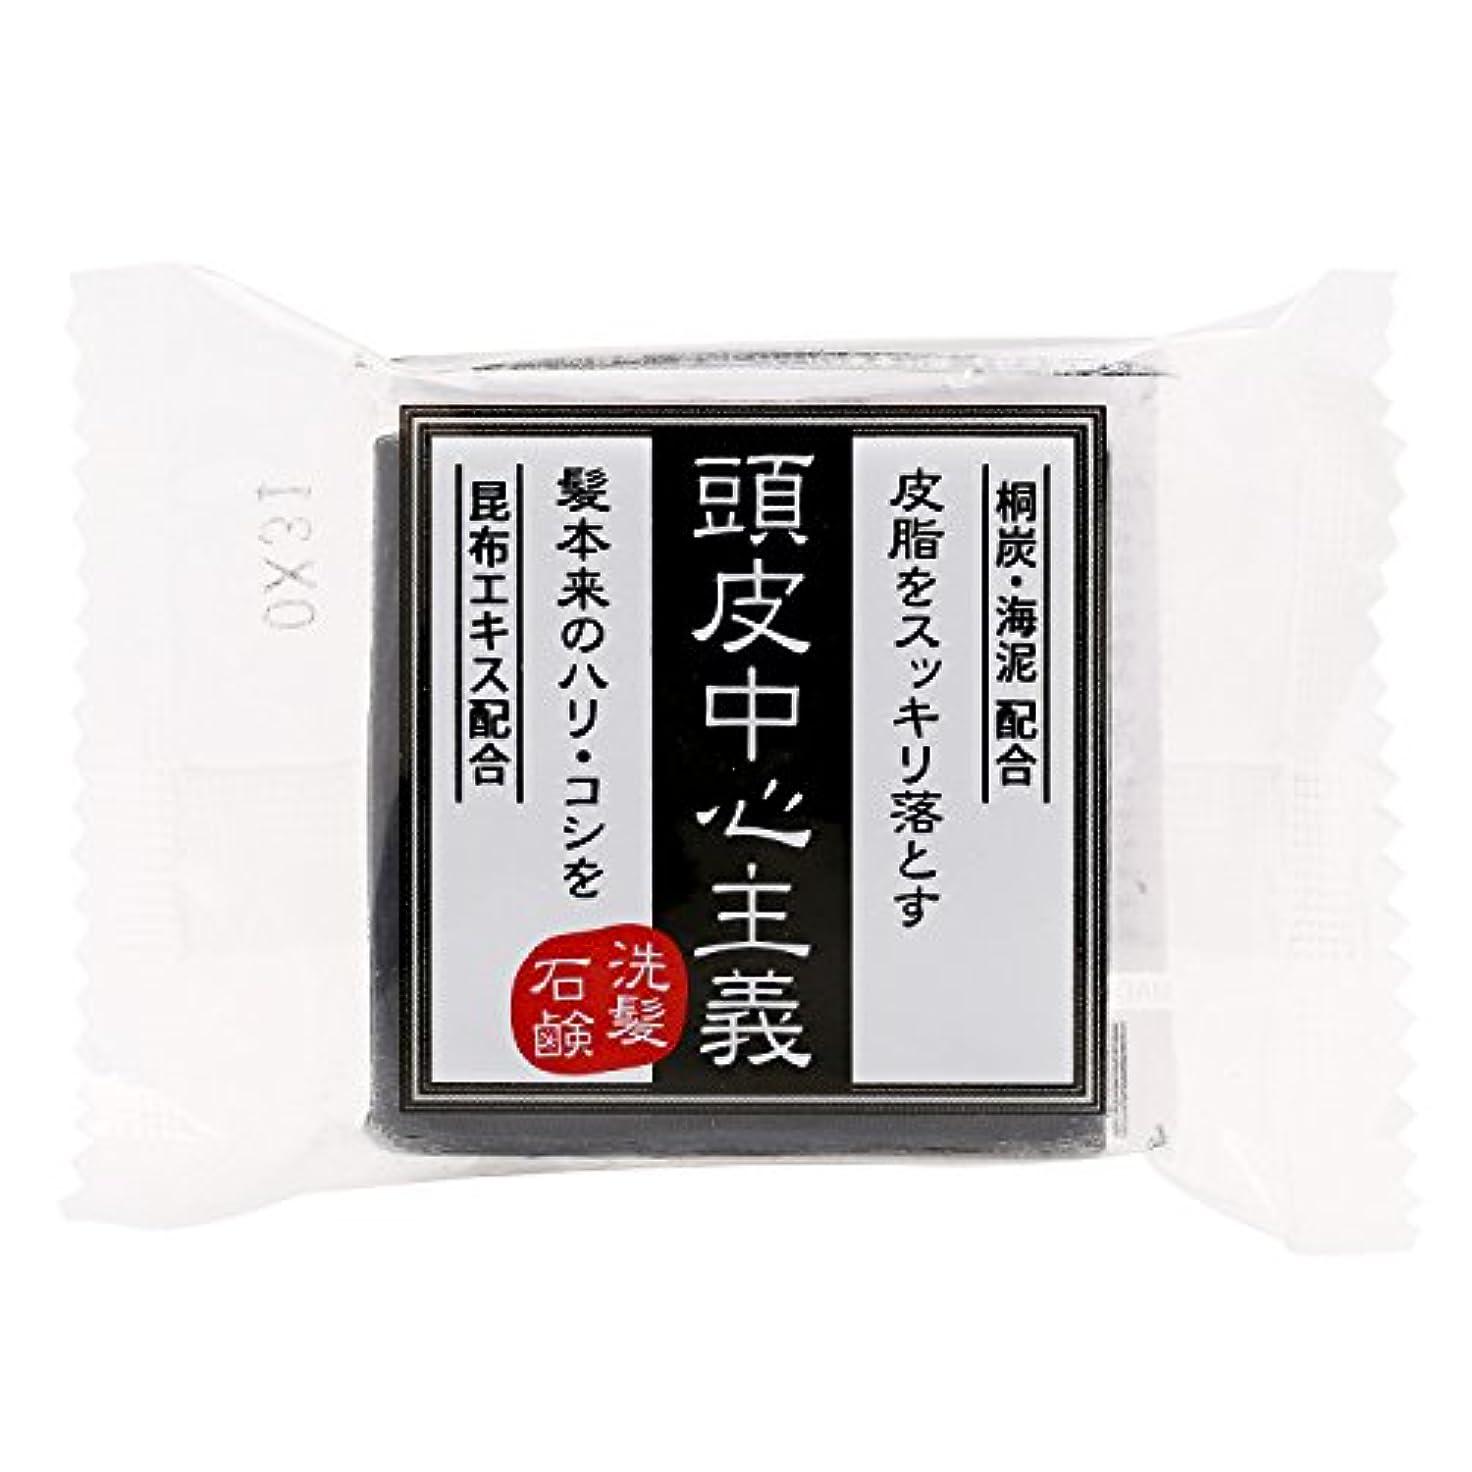 頑張る夢炭素菊星 頭皮中心主義 洗髪石鹸 30g